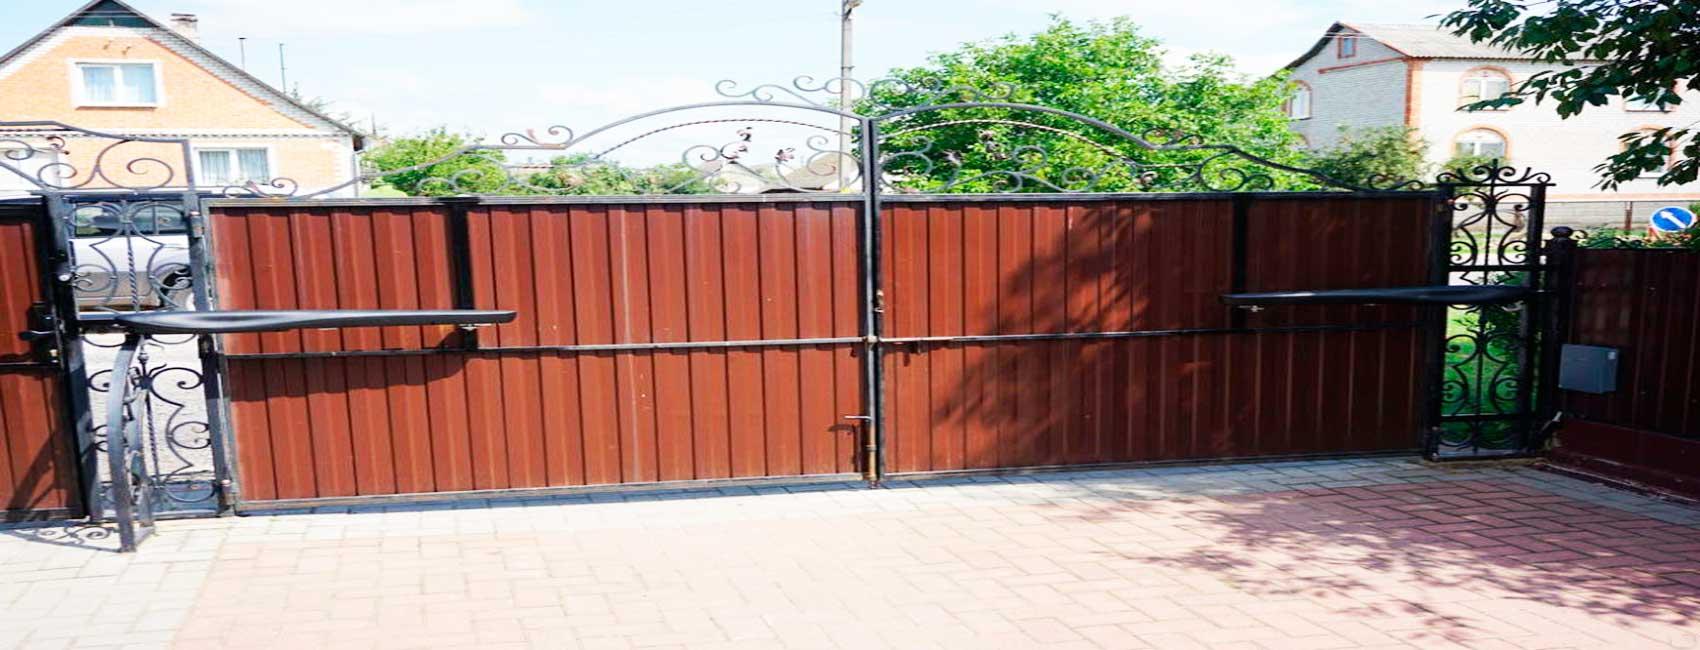 Воскресенские ворота и заборы